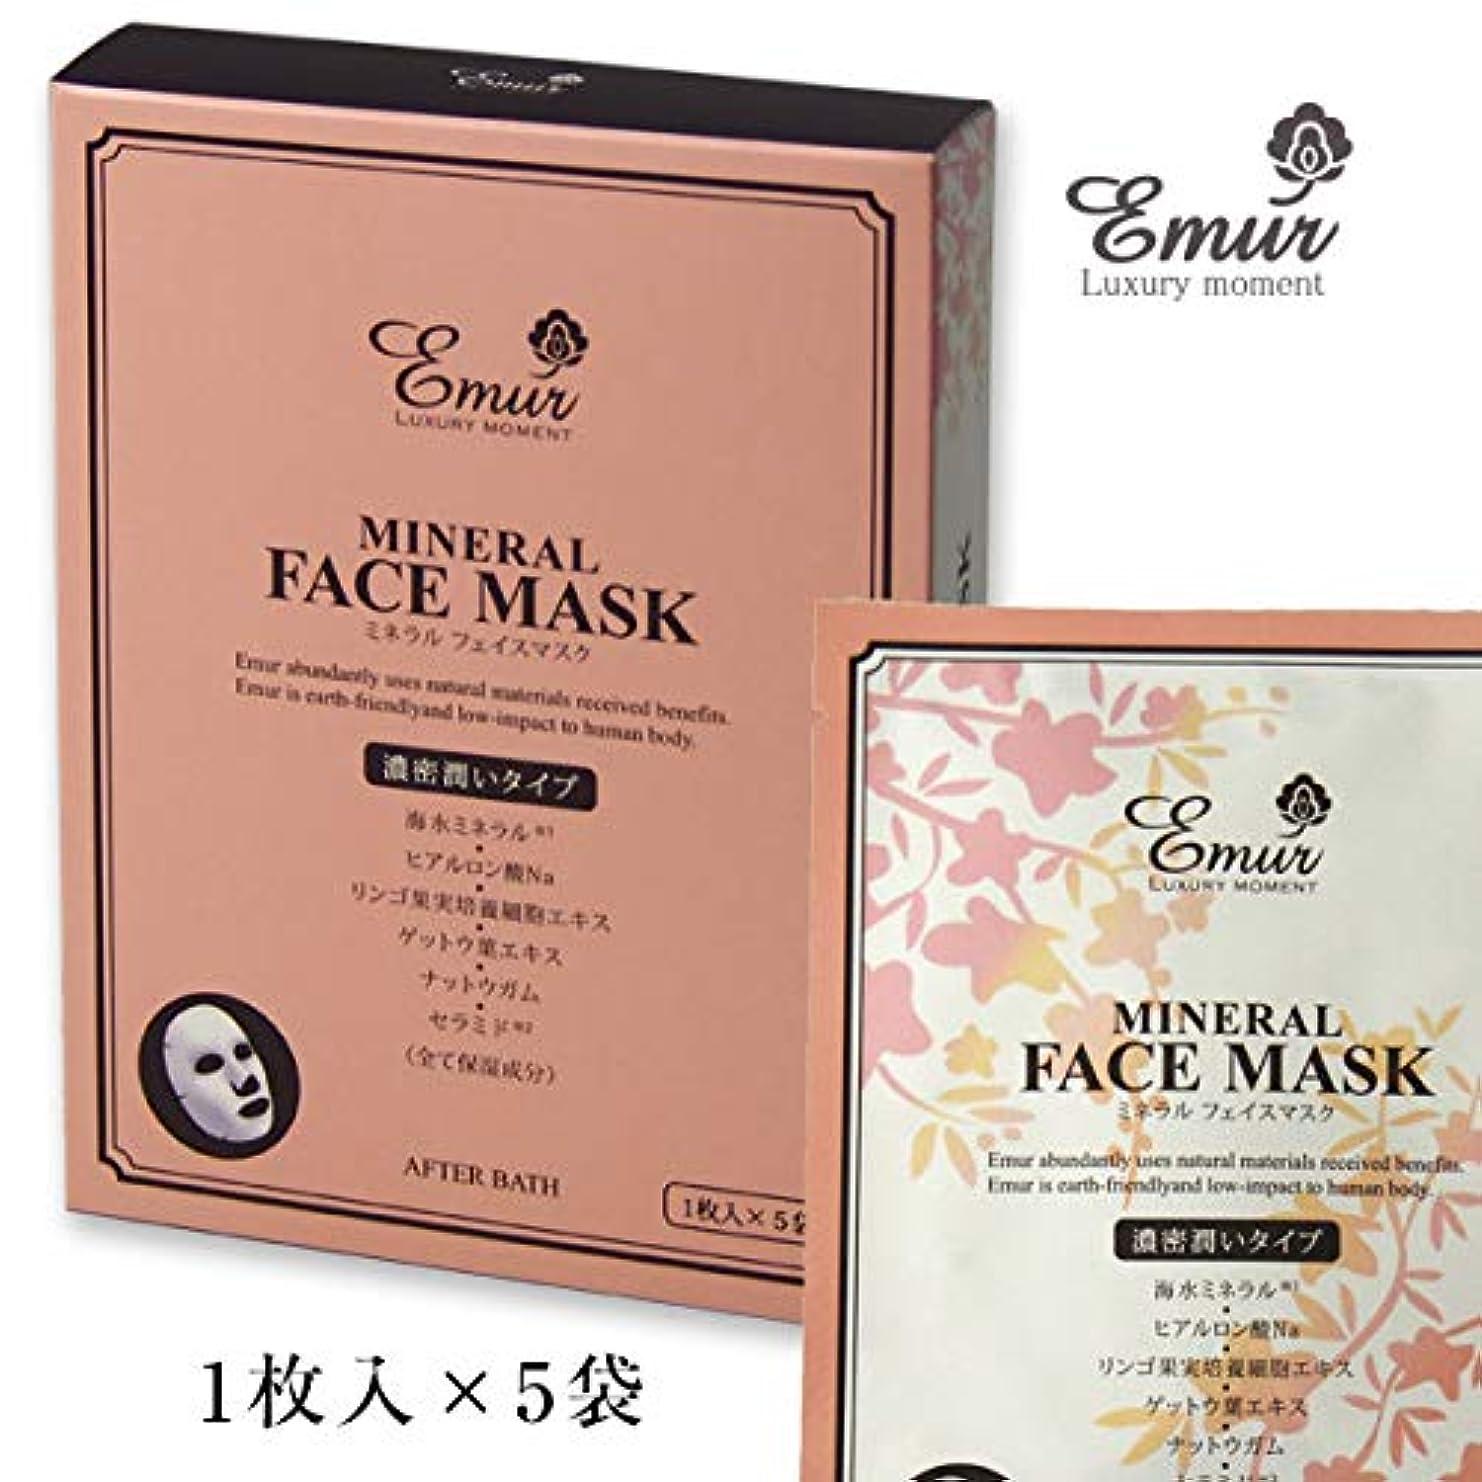 ラベル小康シェードエミュール ミネラル フェイスマスク 1枚入×5袋